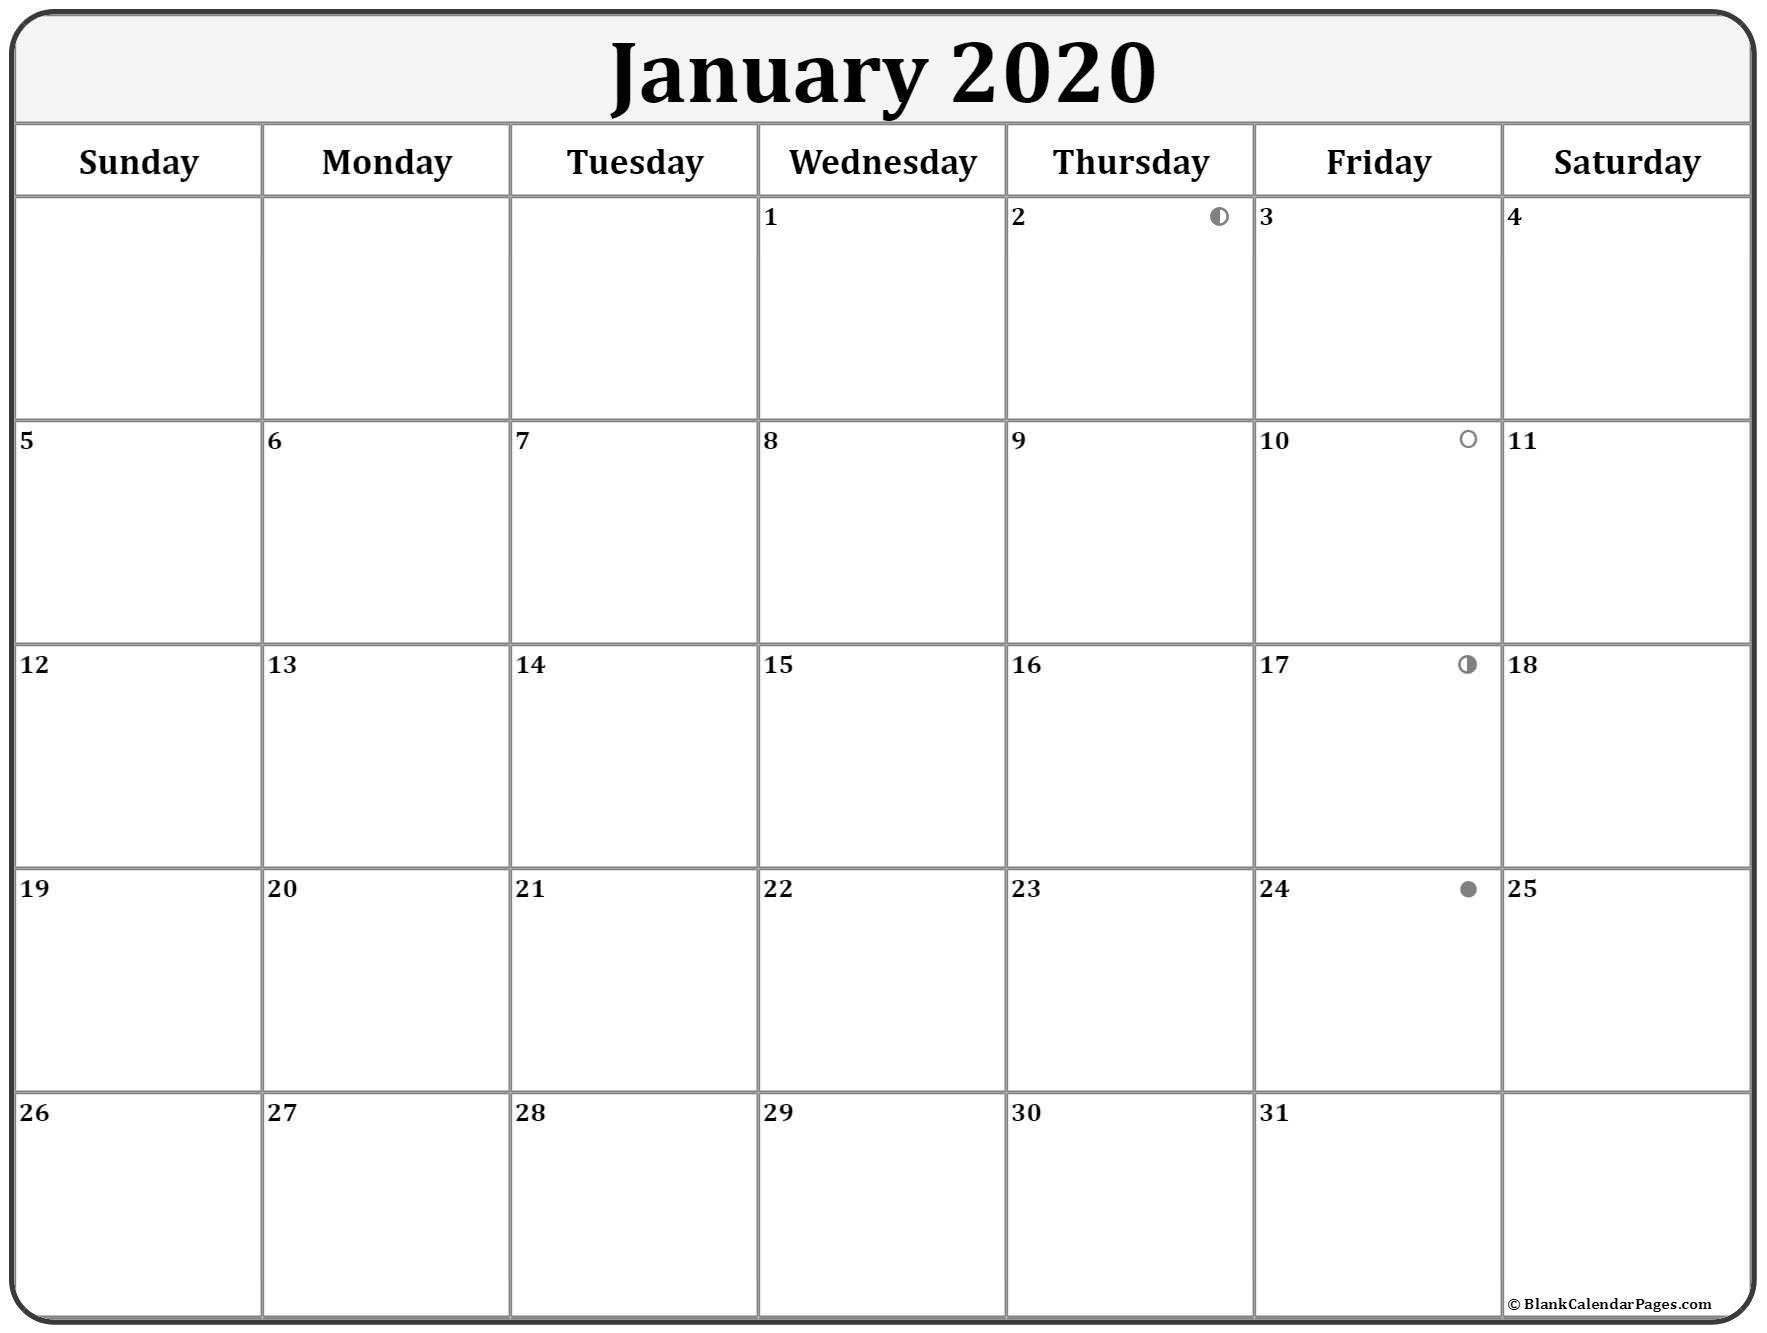 January 2020 Lunar Calendar | Moon Phase Calendar-Moon Calendar January 2020